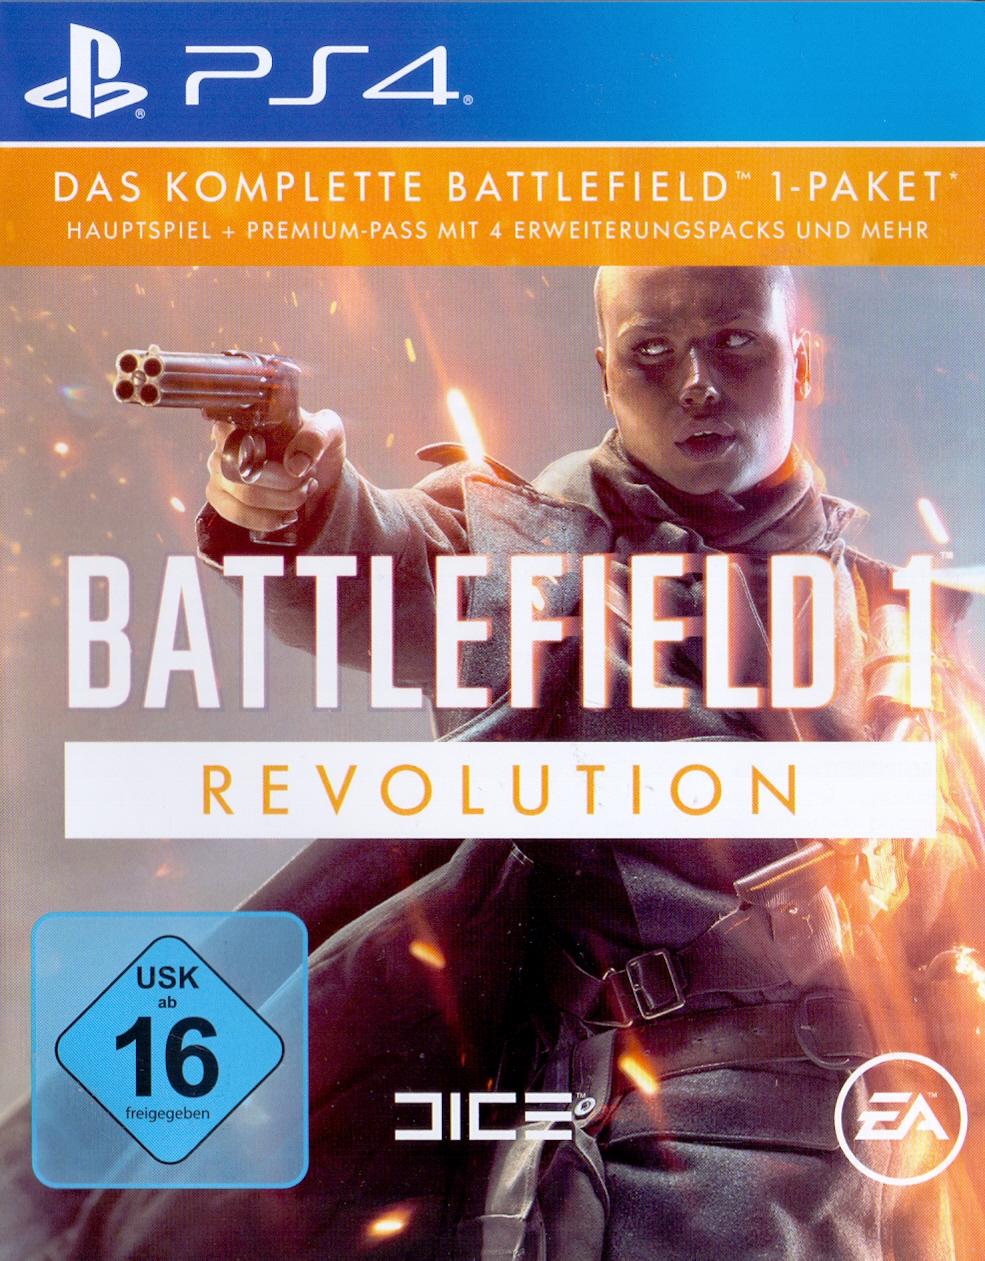 Battlefield 1 [Revolution Edition]